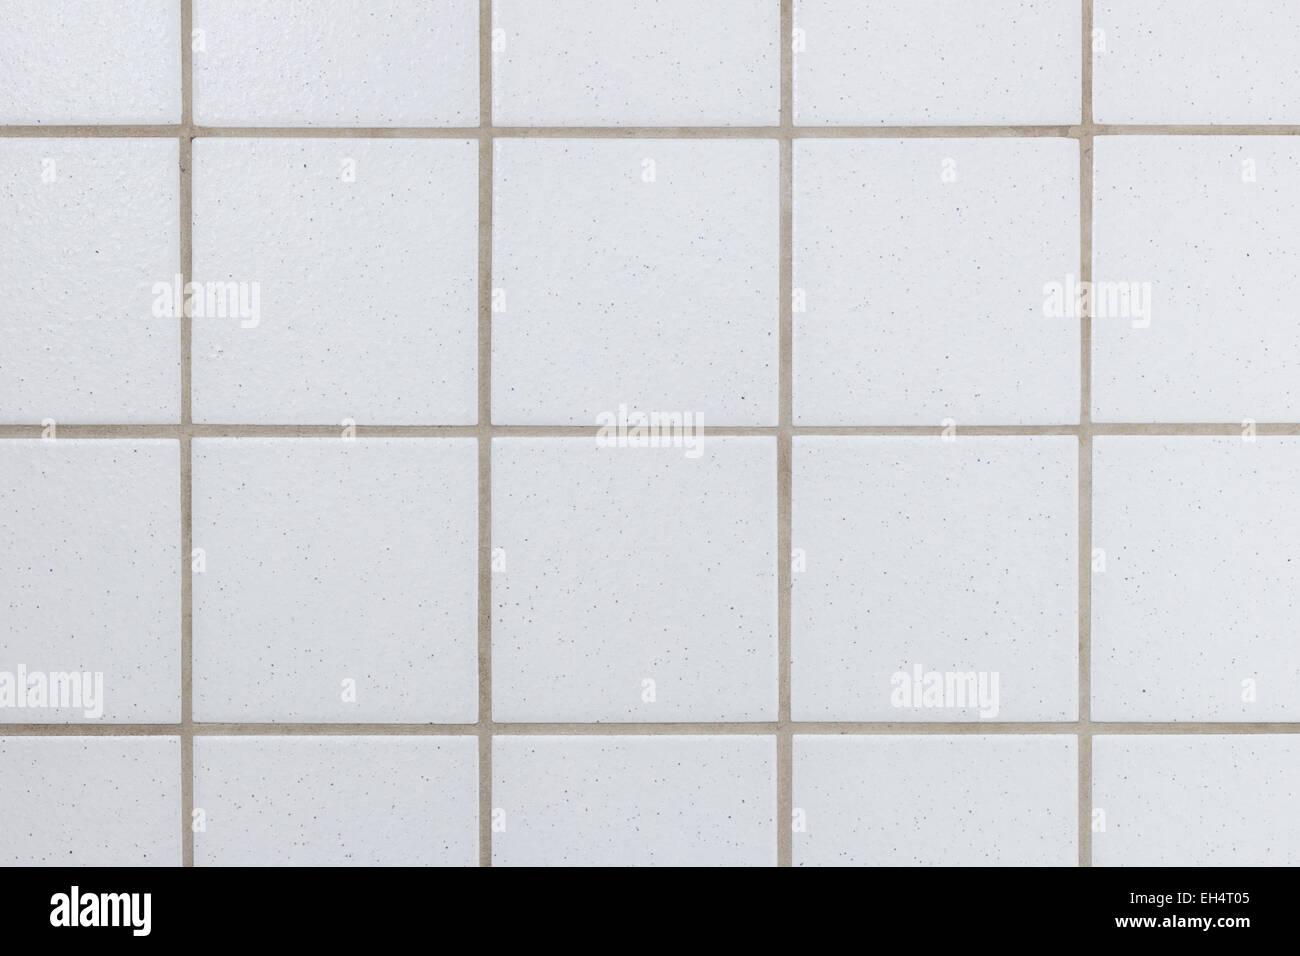 White Ceramic Bathroom Wall Tile Stock Photos & White Ceramic ...